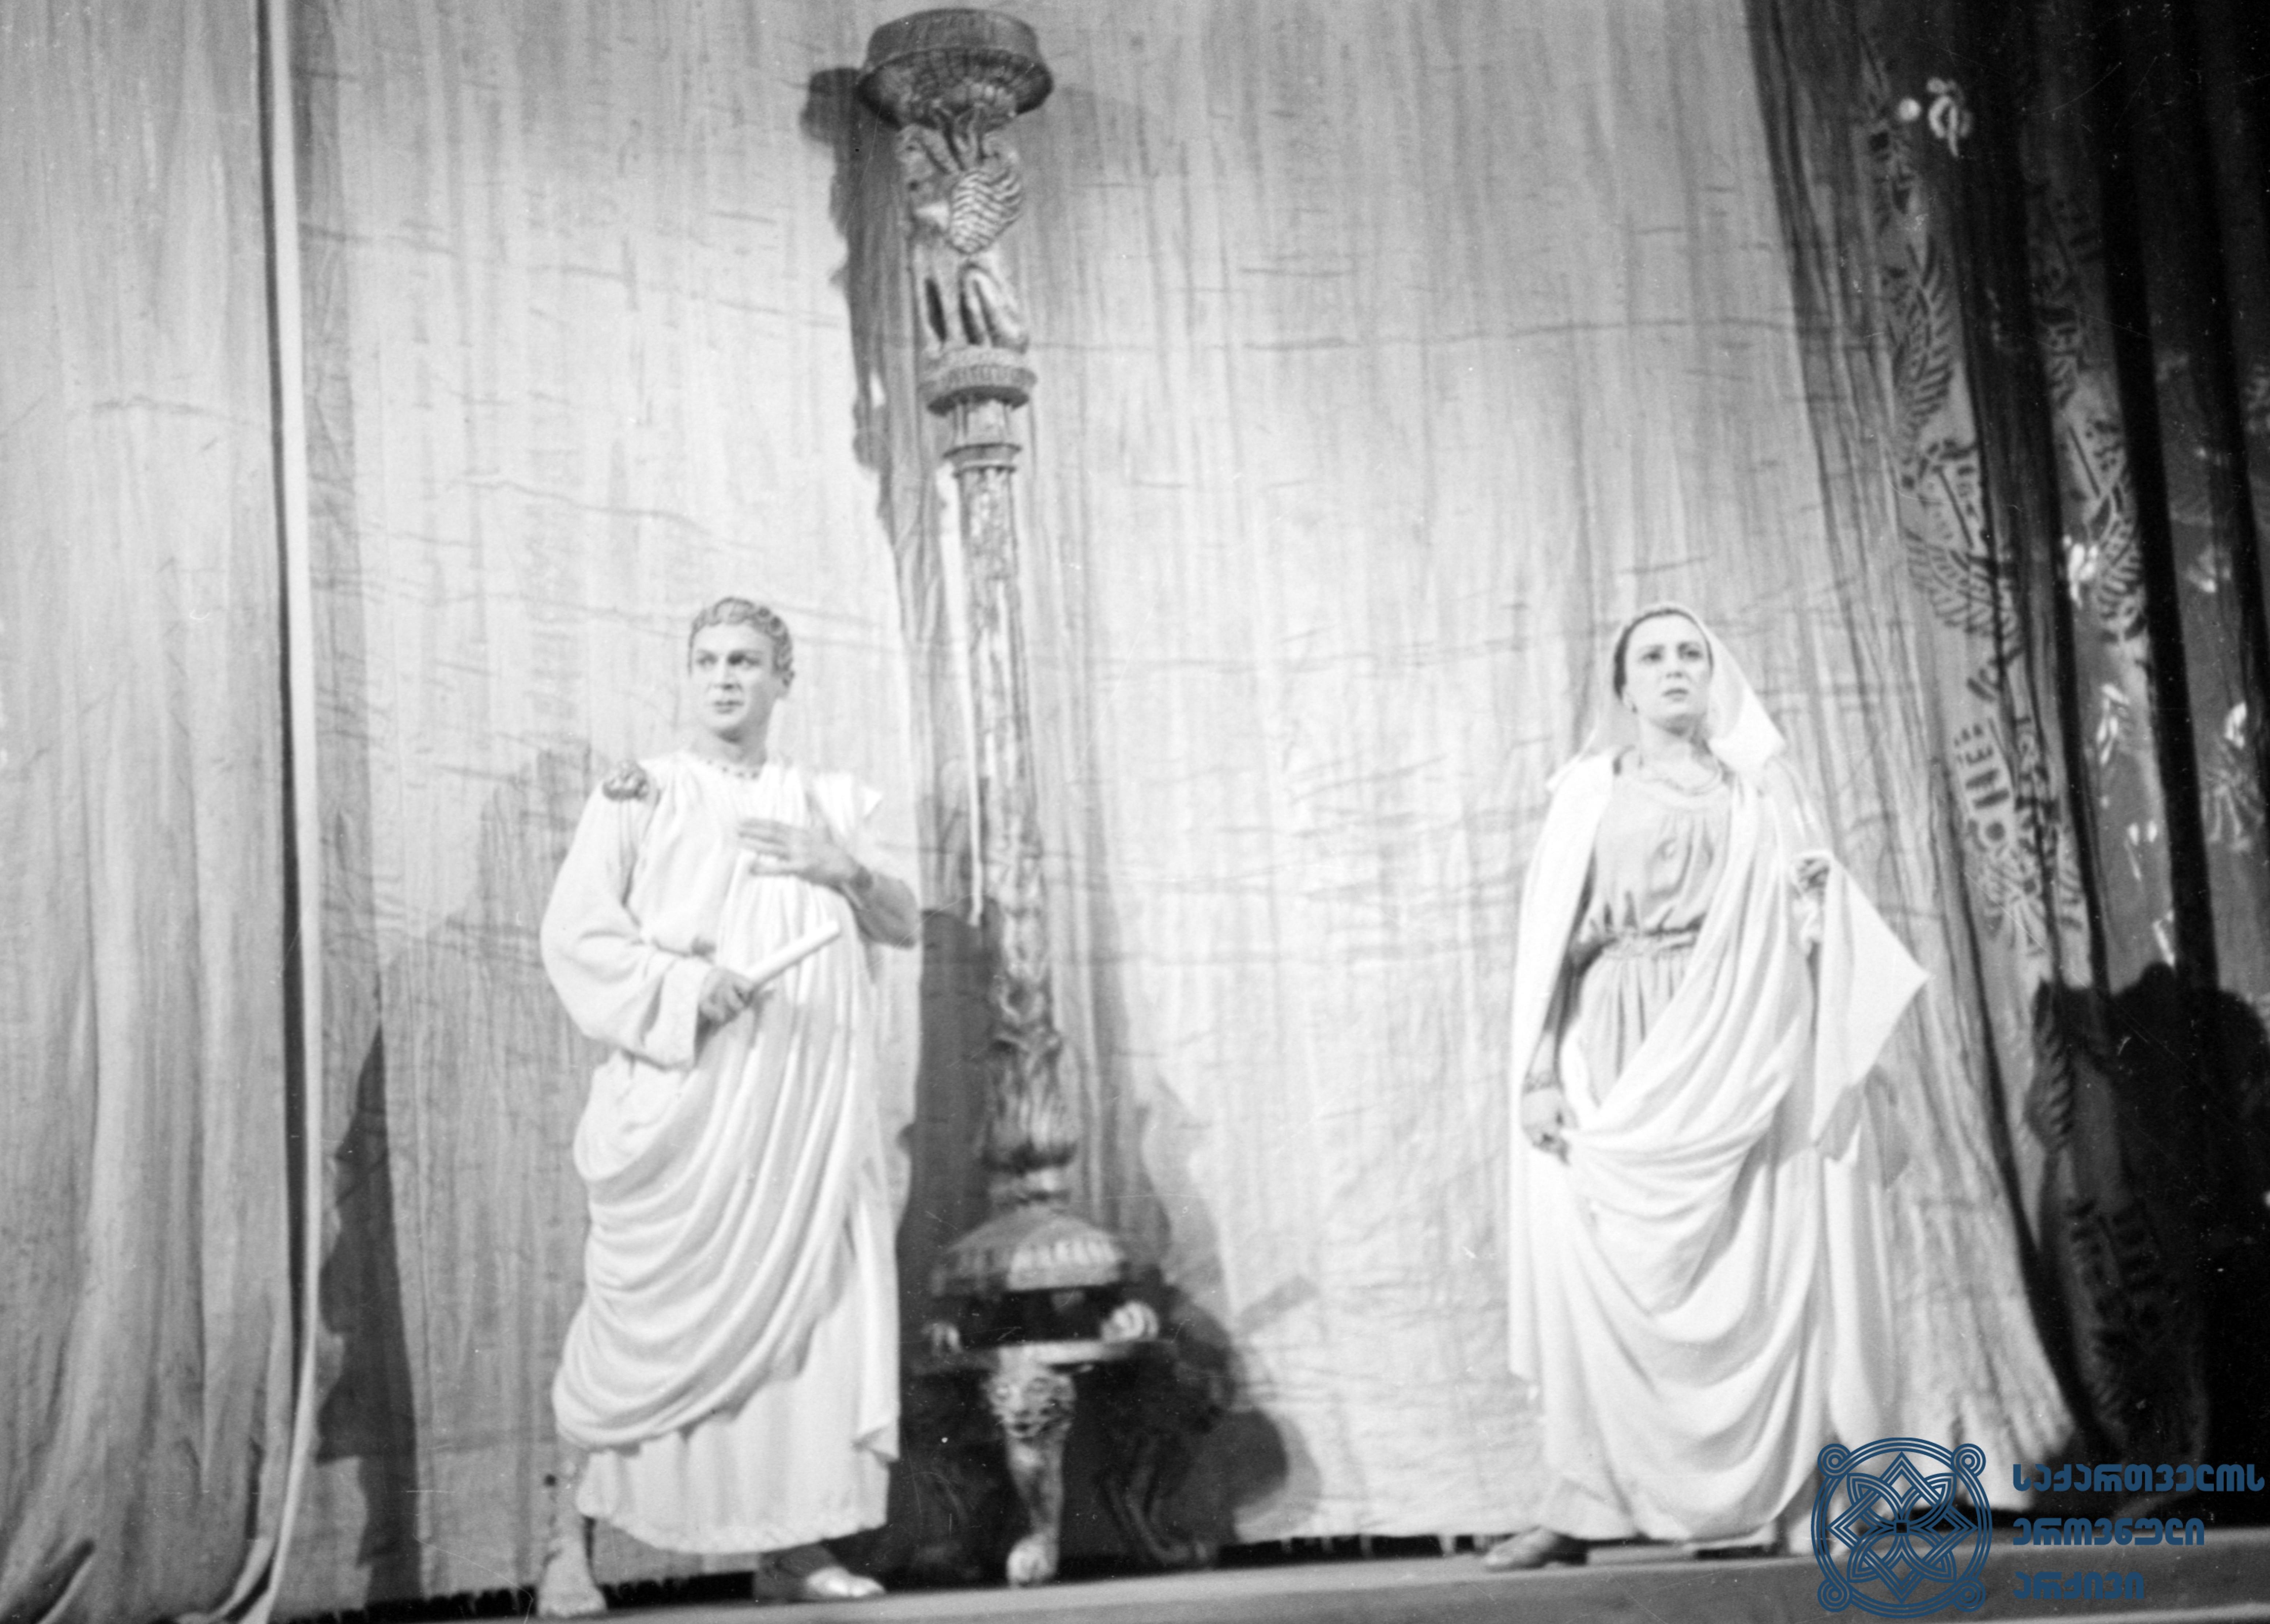 """მარჯანიშვილის სახელობის აკადემიური თეატრის სპექტაკლი """"ანტონიოს და კლეოპატრა"""".  კეისარი – გიორგი შავგულიძე, ოქტავია – თამარ ციციშვილი. <br> ვახტანგ ტაბლიაშვილის დადგმა. 1951 წელი. <br> The Marjanishvili Academic Theater performance """"Antony and Cleopatra"""". Giorgi Shavgulidze as Caesar, Tamar Tsitsishvili as Octavia.<br> Vakhtang Tabliashvili's staging. 1951."""